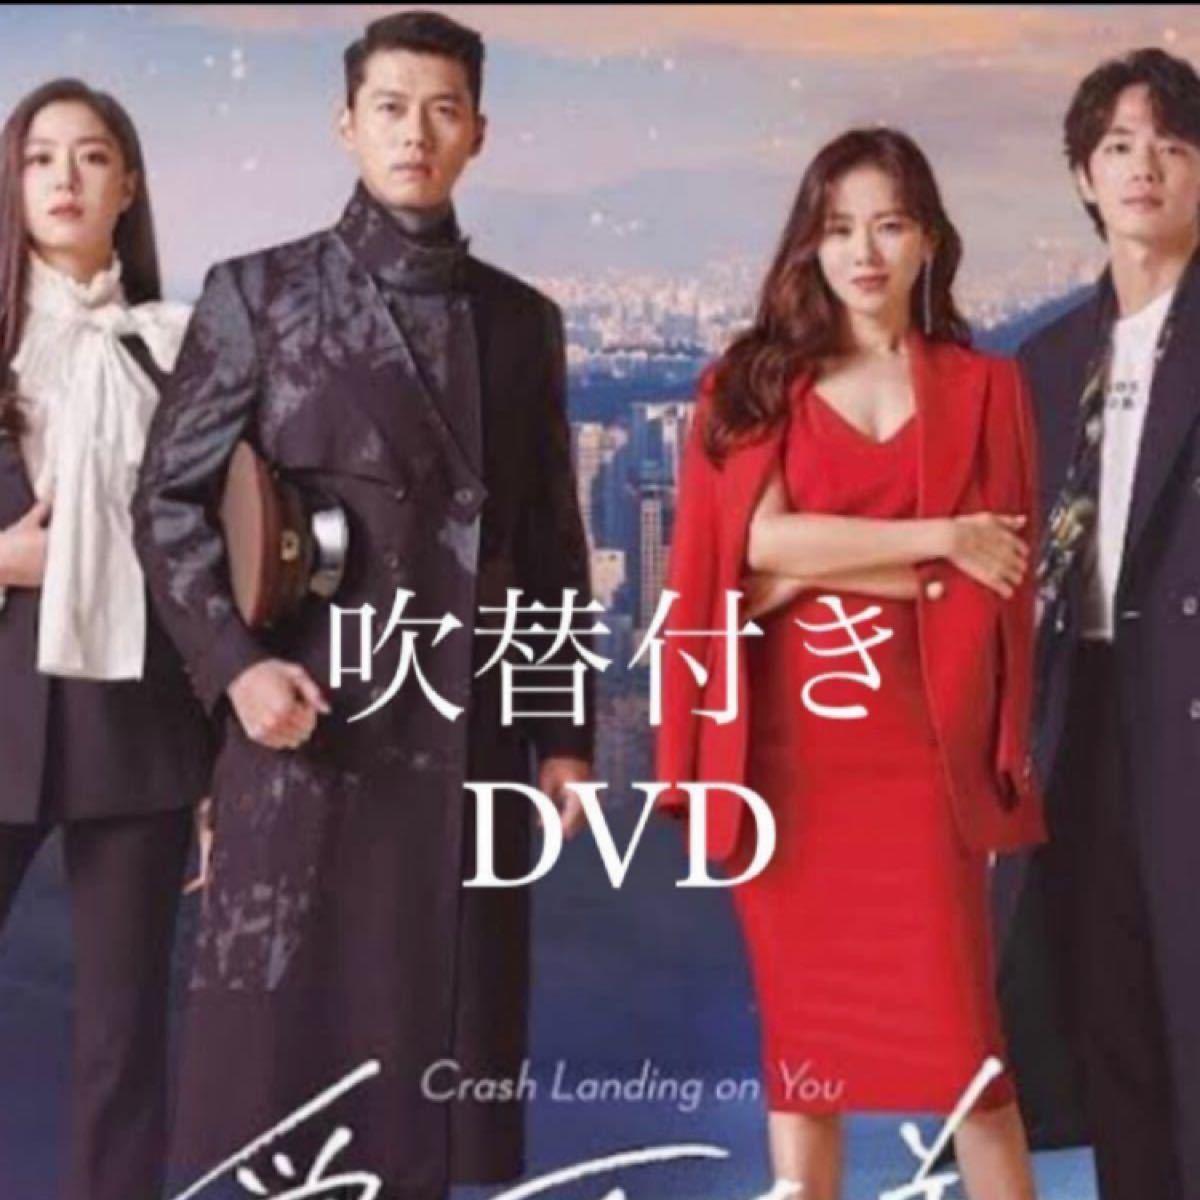 愛の不時着 吹き替え版DVD